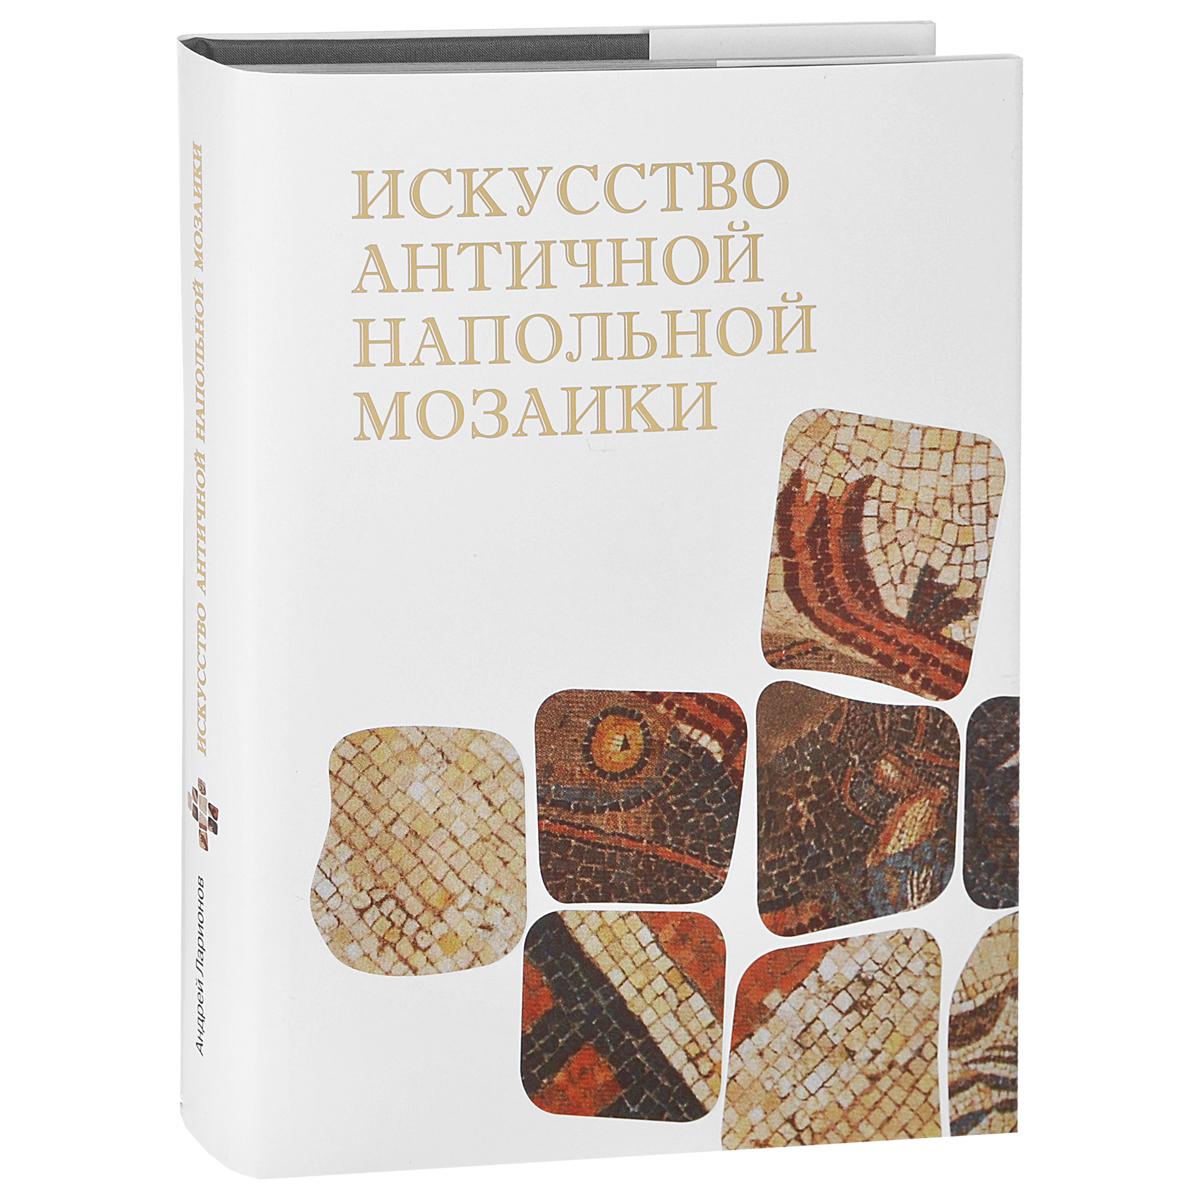 Искусство античной напольной мозаики, А. И. Ларионов